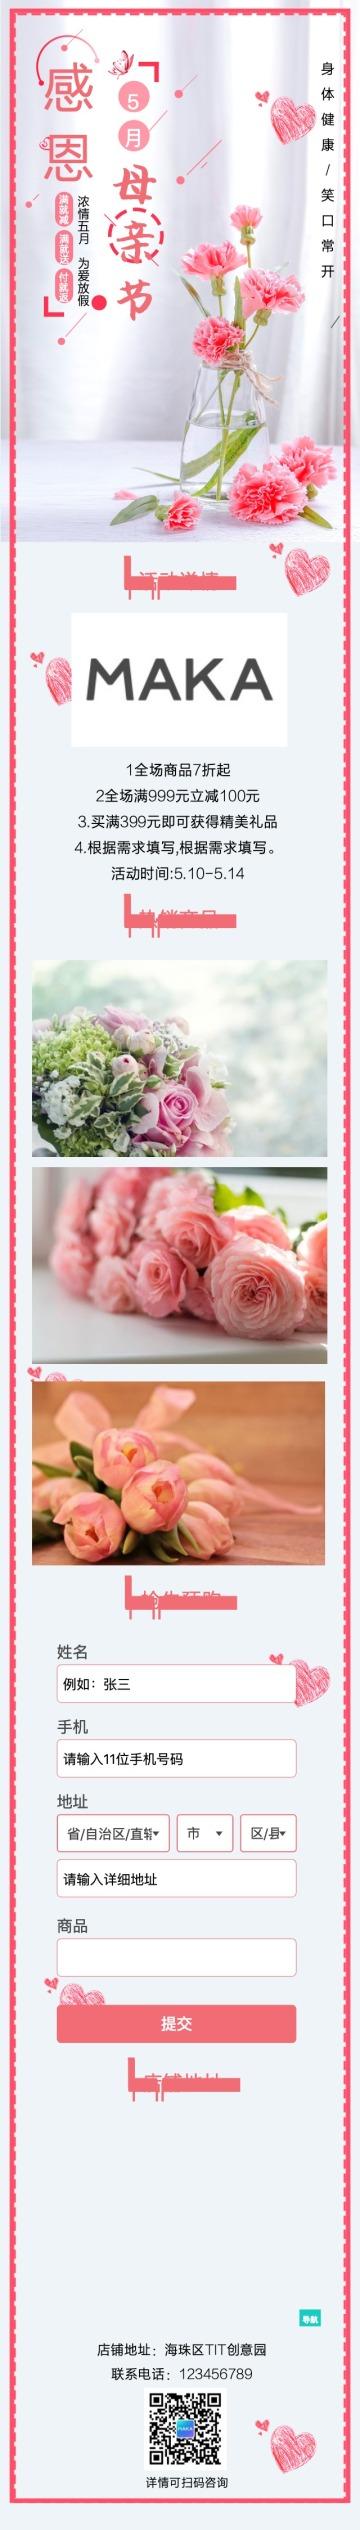 母亲节清新简约百货零售鲜花促销推广单页